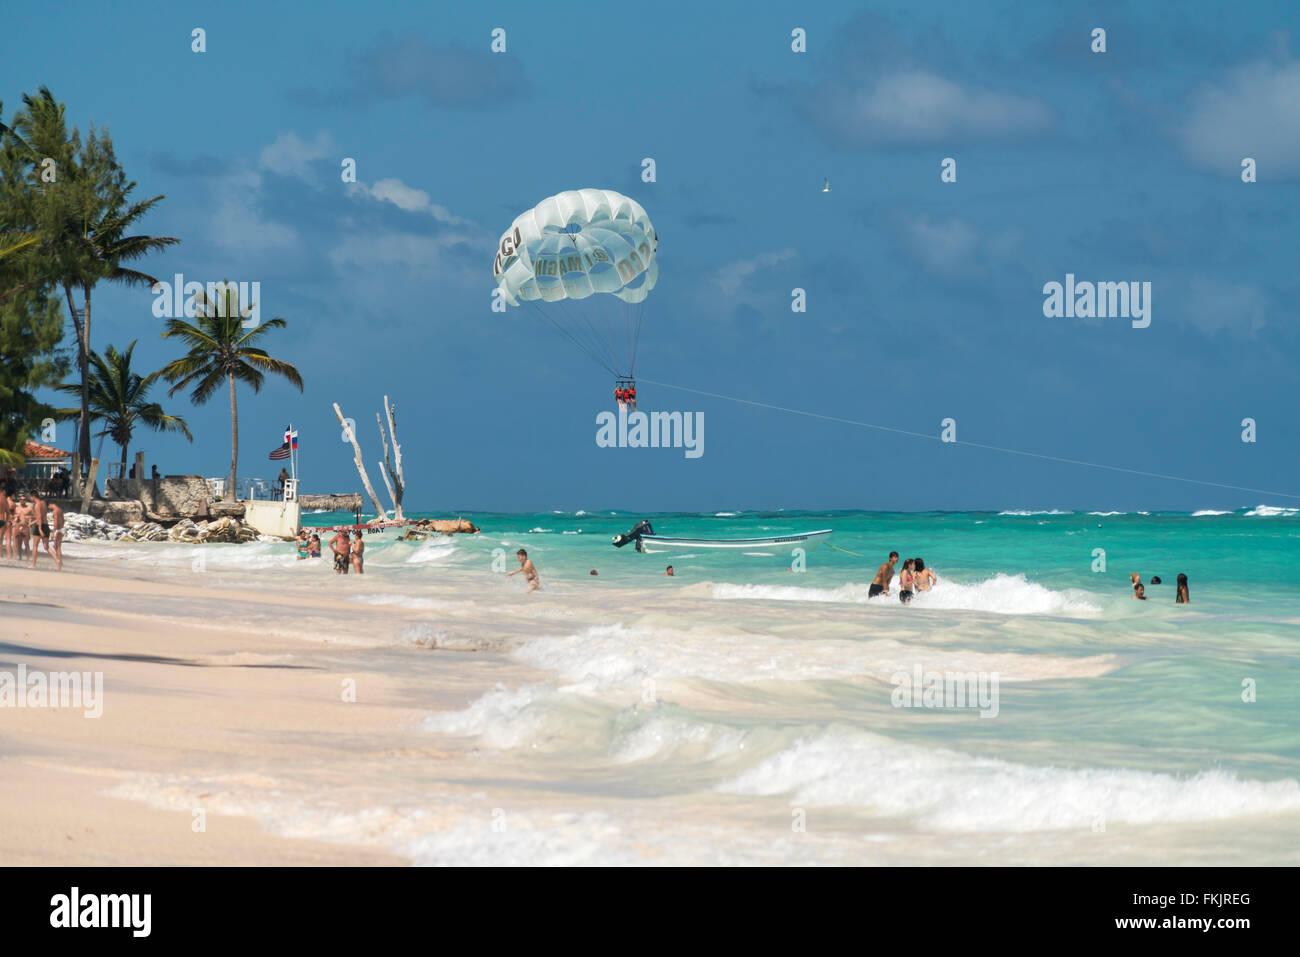 Le parapente à la plage de sable fin bordée de palmiers de Playa Bavaro, Punta Cana, République dominicaine, Photo Stock